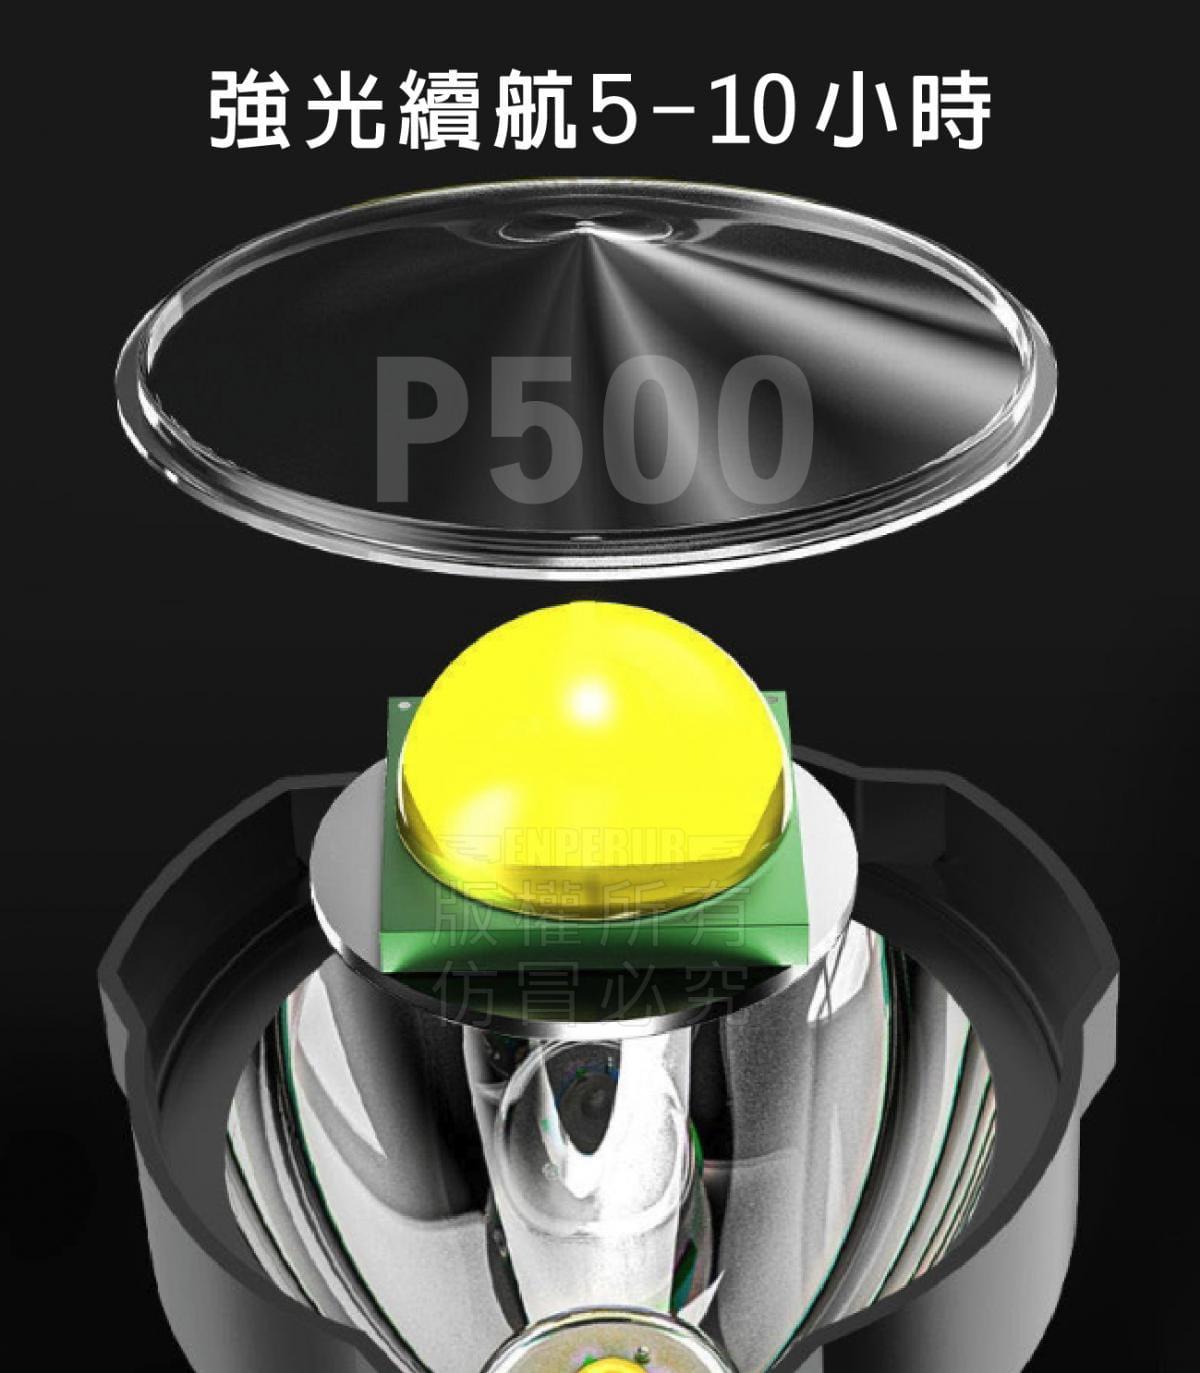 多功能雙光源手電筒 4